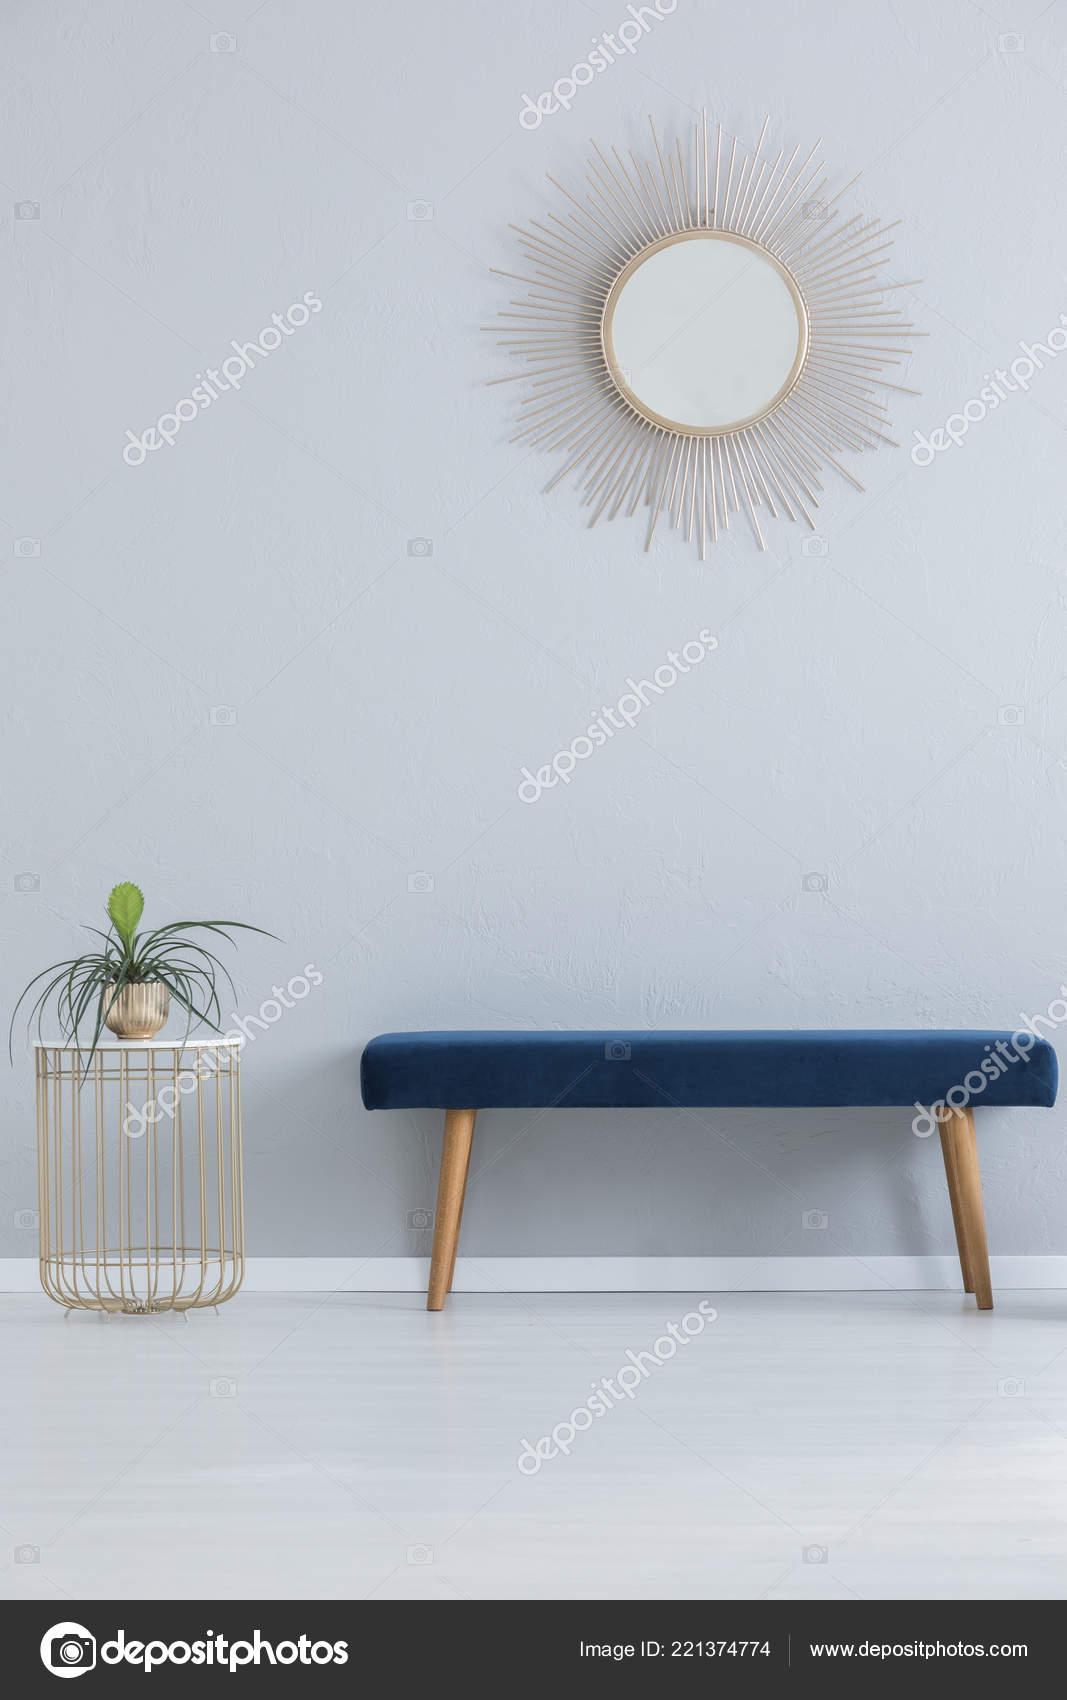 kitchen banquettes for sale carts lowes 现代镜子上面蓝色长椅和时尚表与植物在金壶真正的照片与复制空间 图库 现代镜子上面蓝色长椅和时尚表与植物在金壶真正